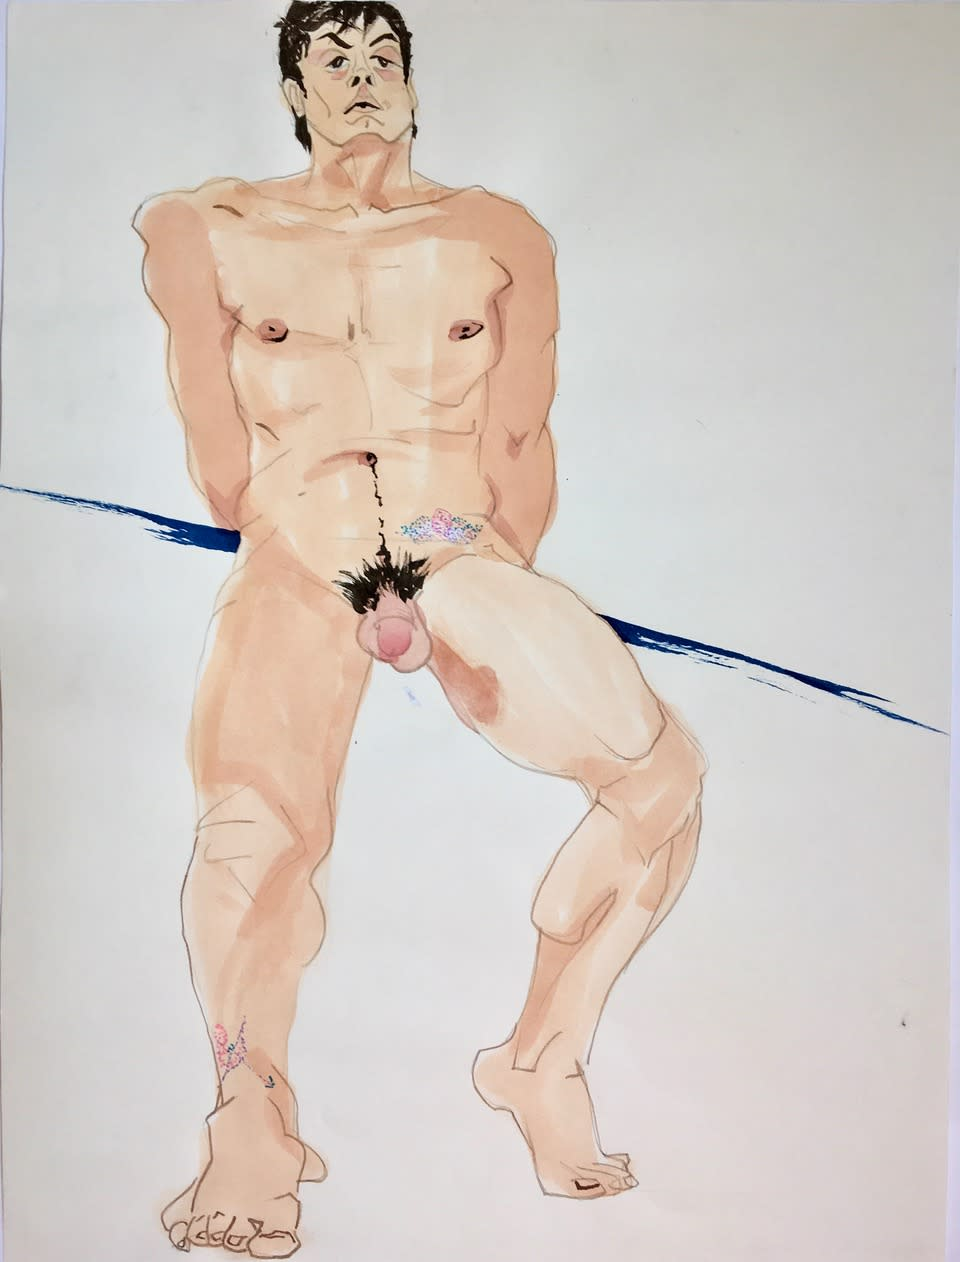 Esteban watercolor ink 18x24 ivo5sf